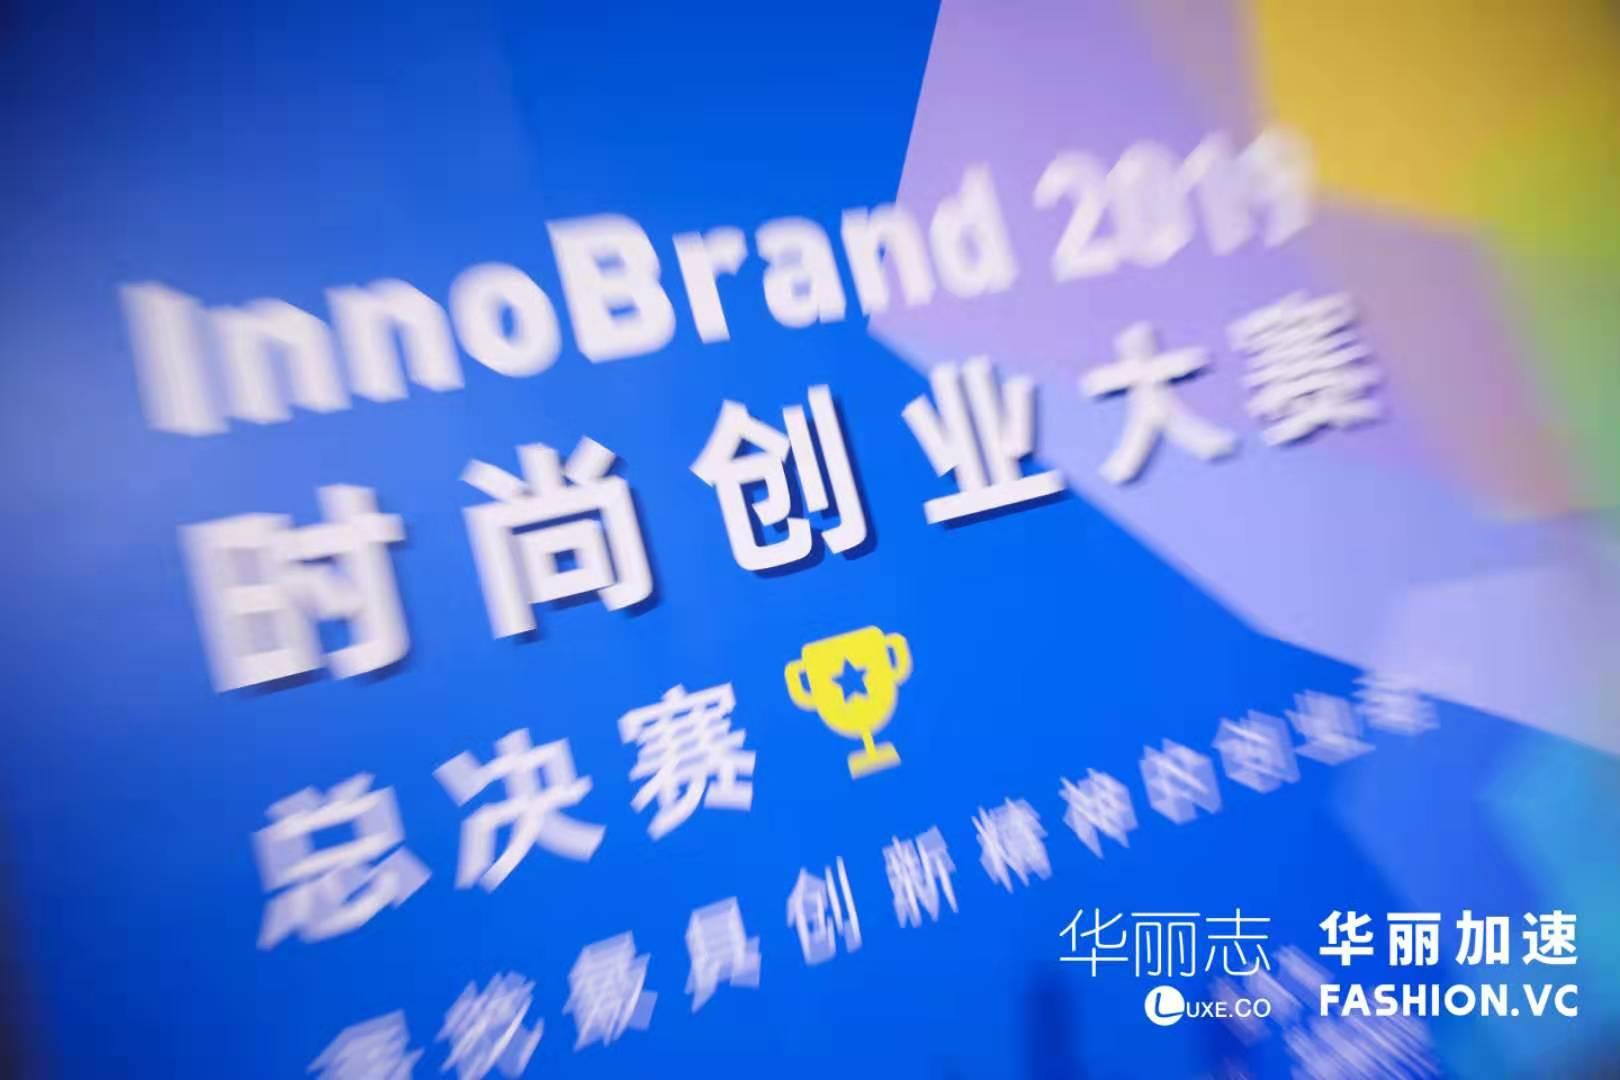 InnoBrand 2019 时尚创业大赛总决赛结果揭晓!